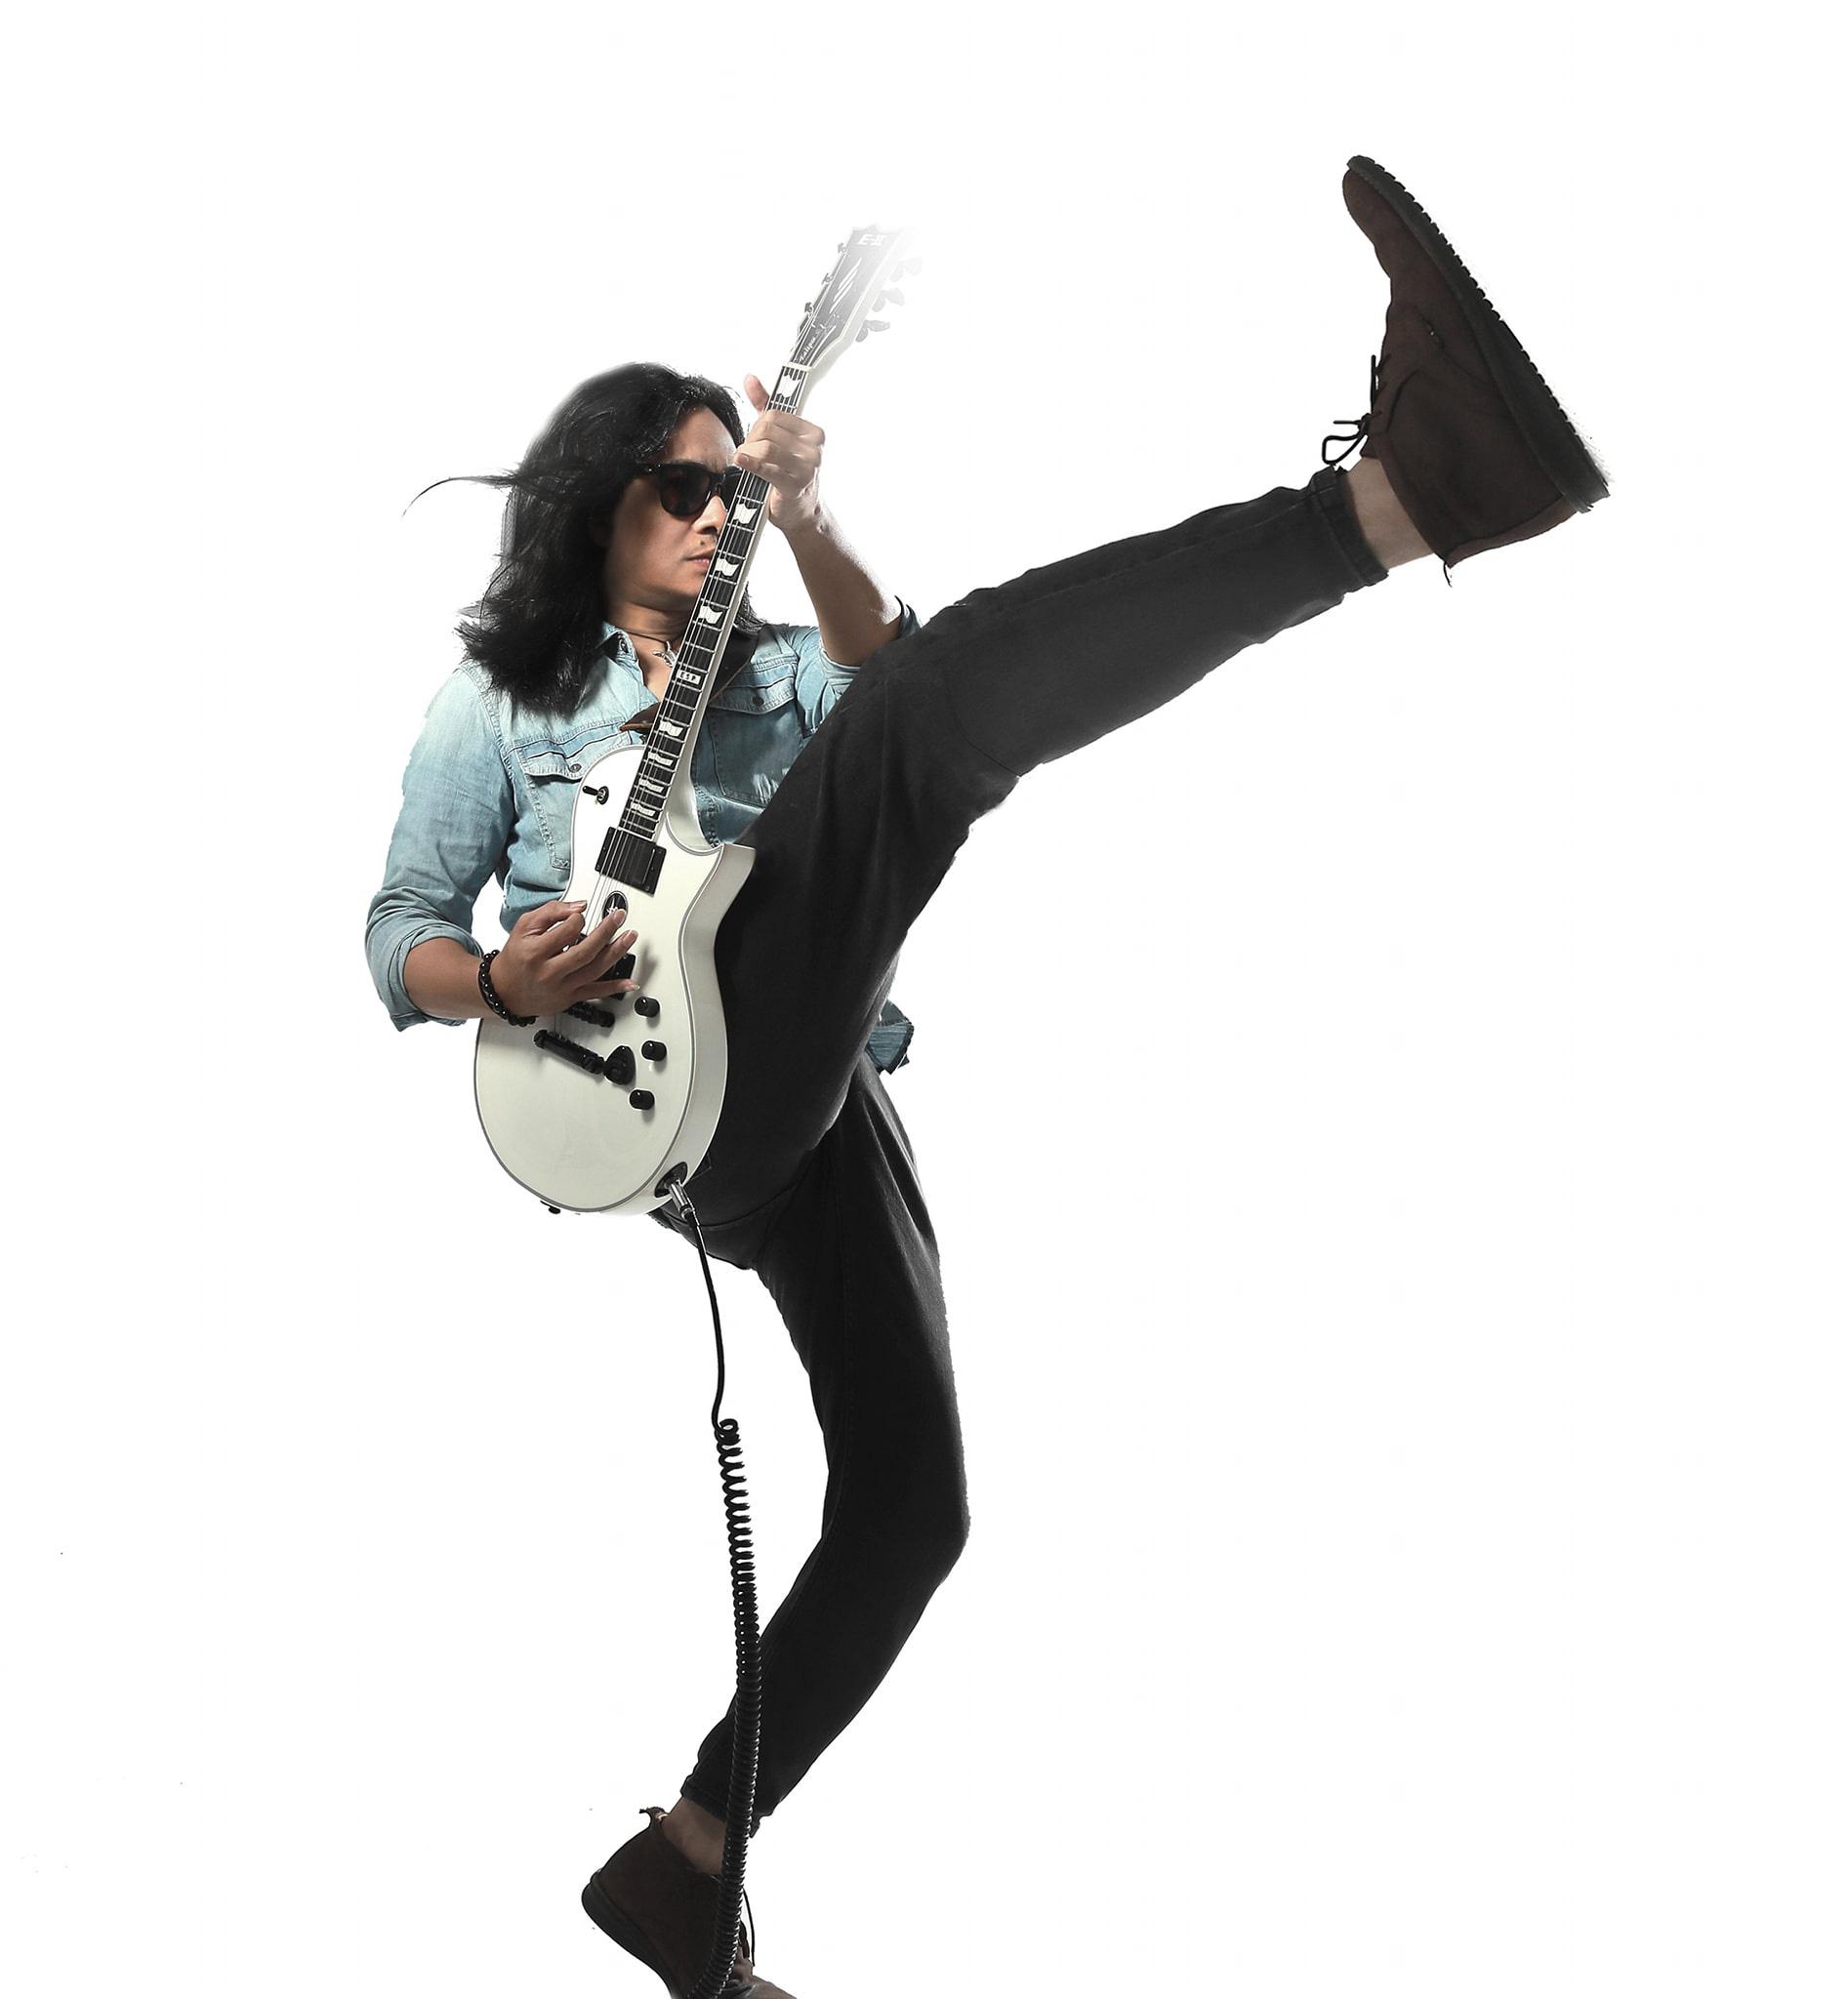 Guitarist Trần Tuấn Hùng.